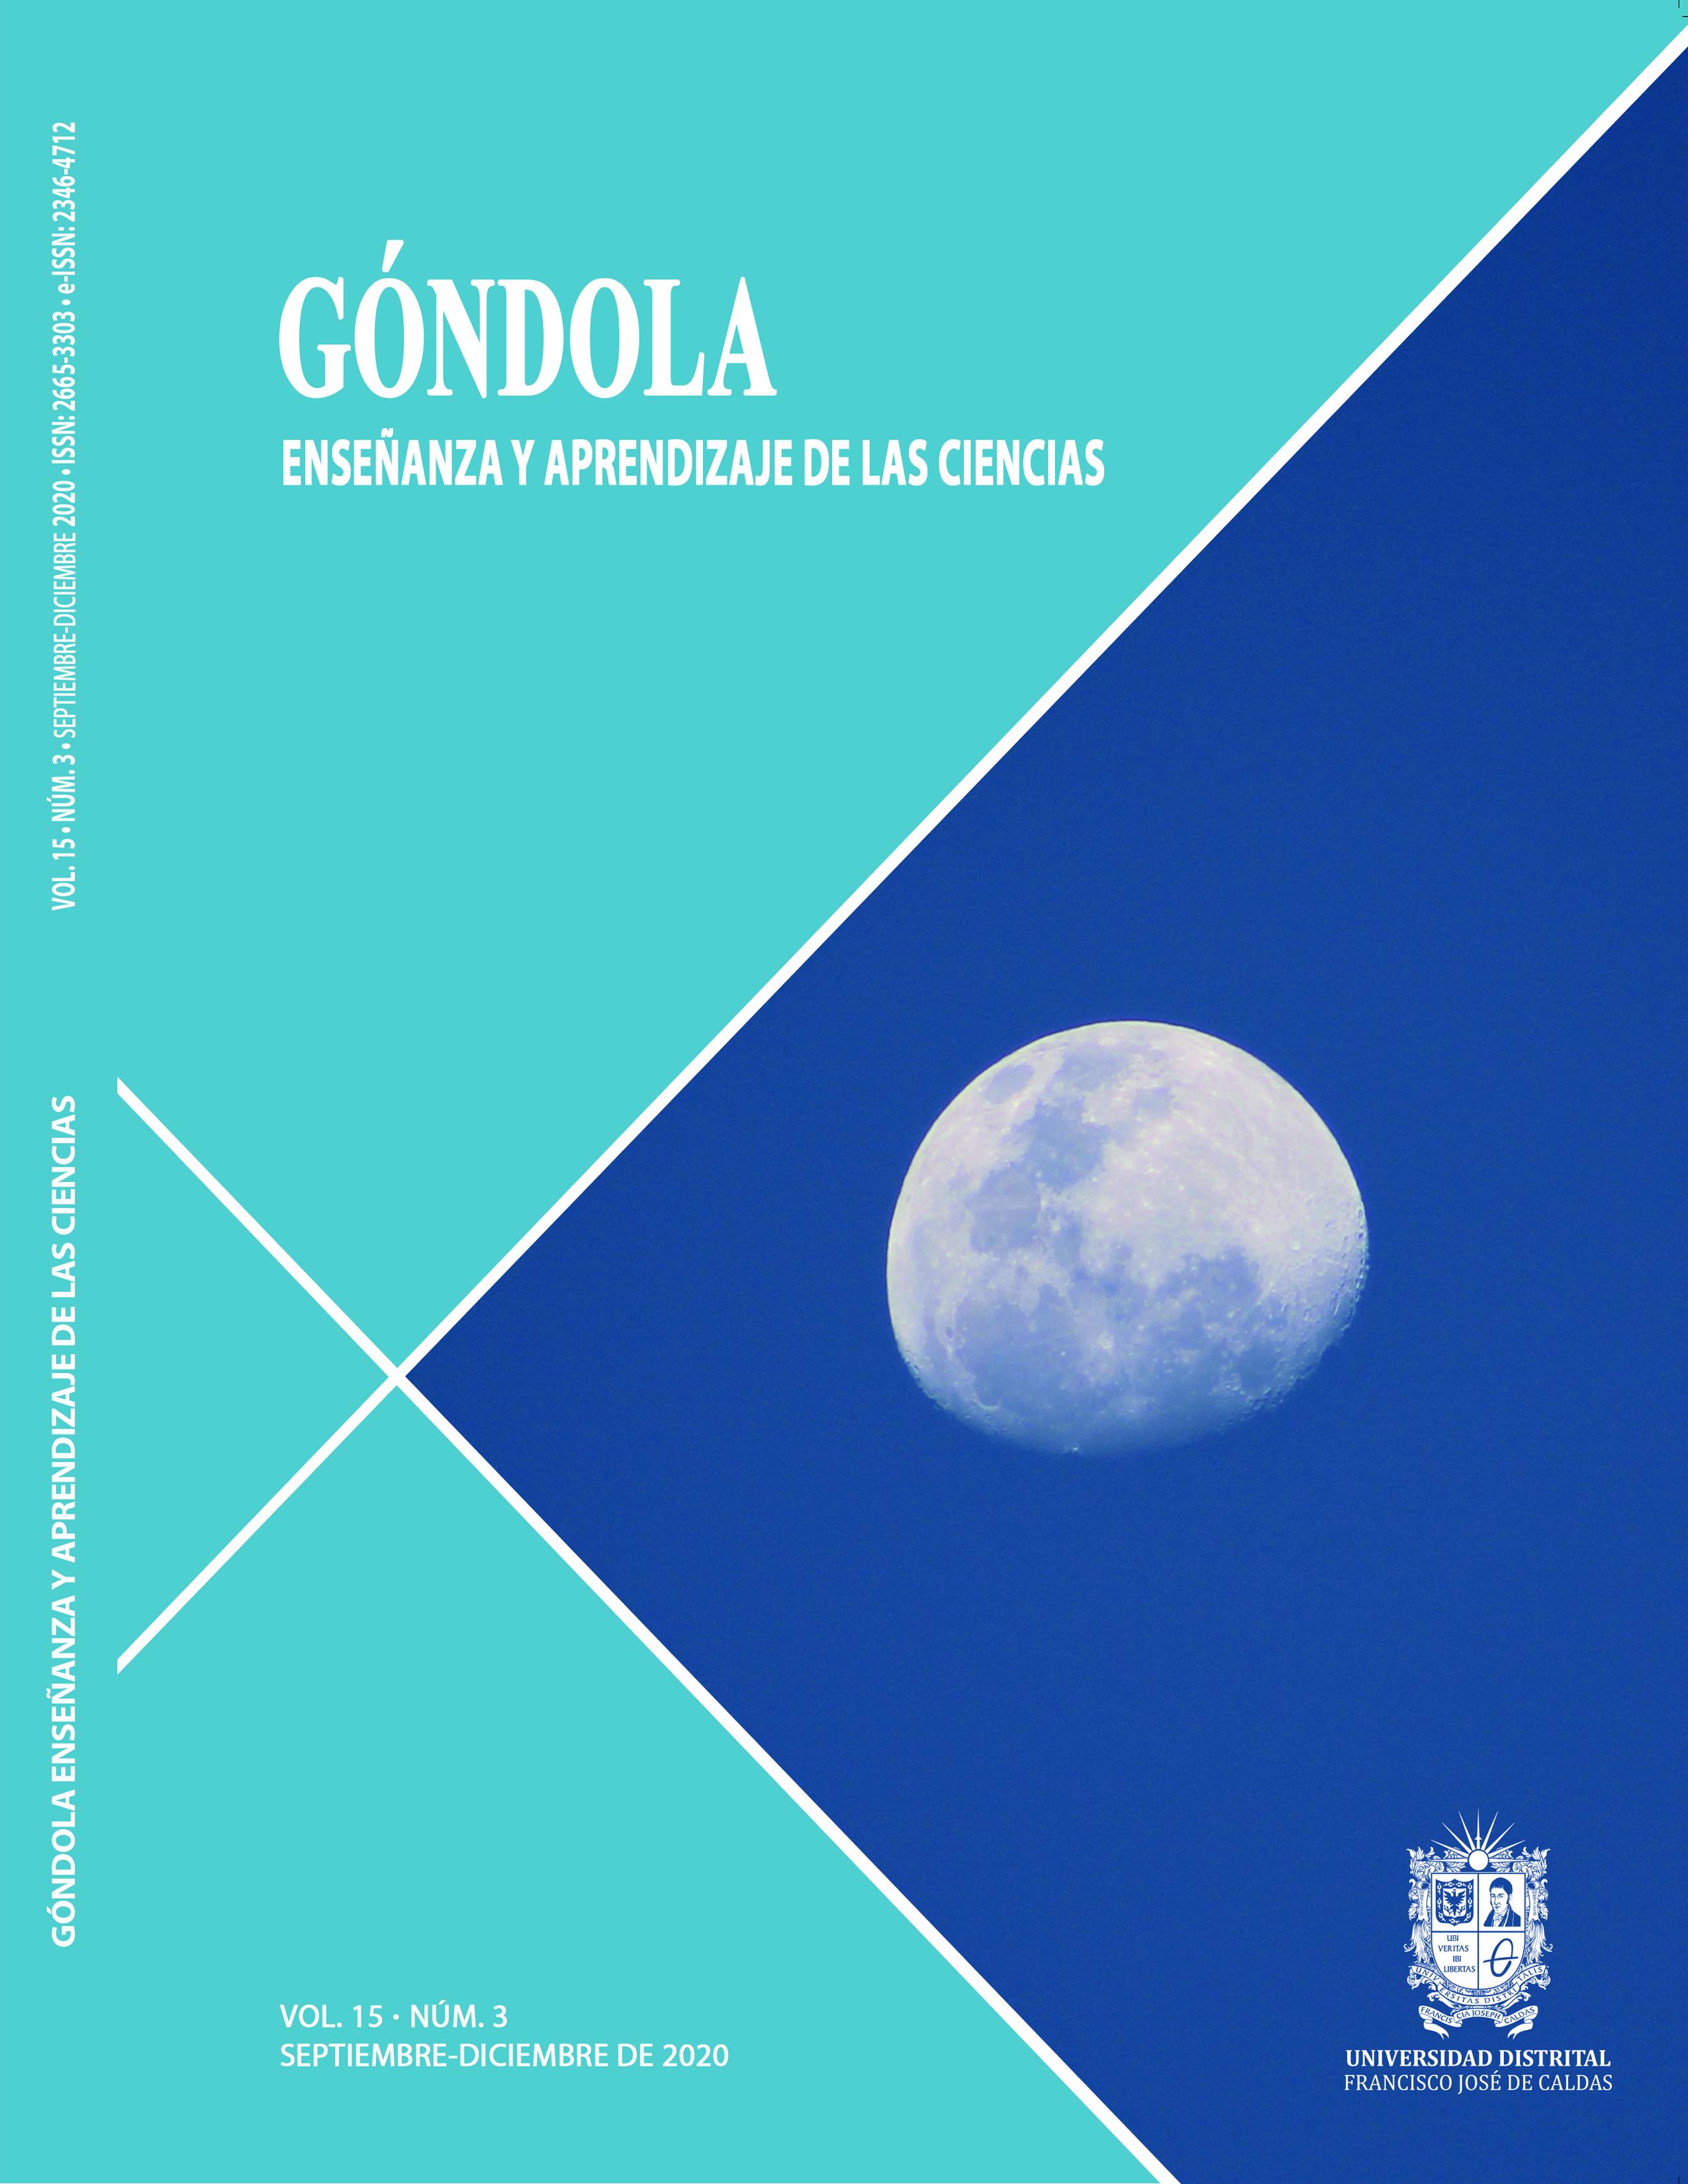 Caratula revista Góndola, enseñanza y aprendizaje de las Ciencias